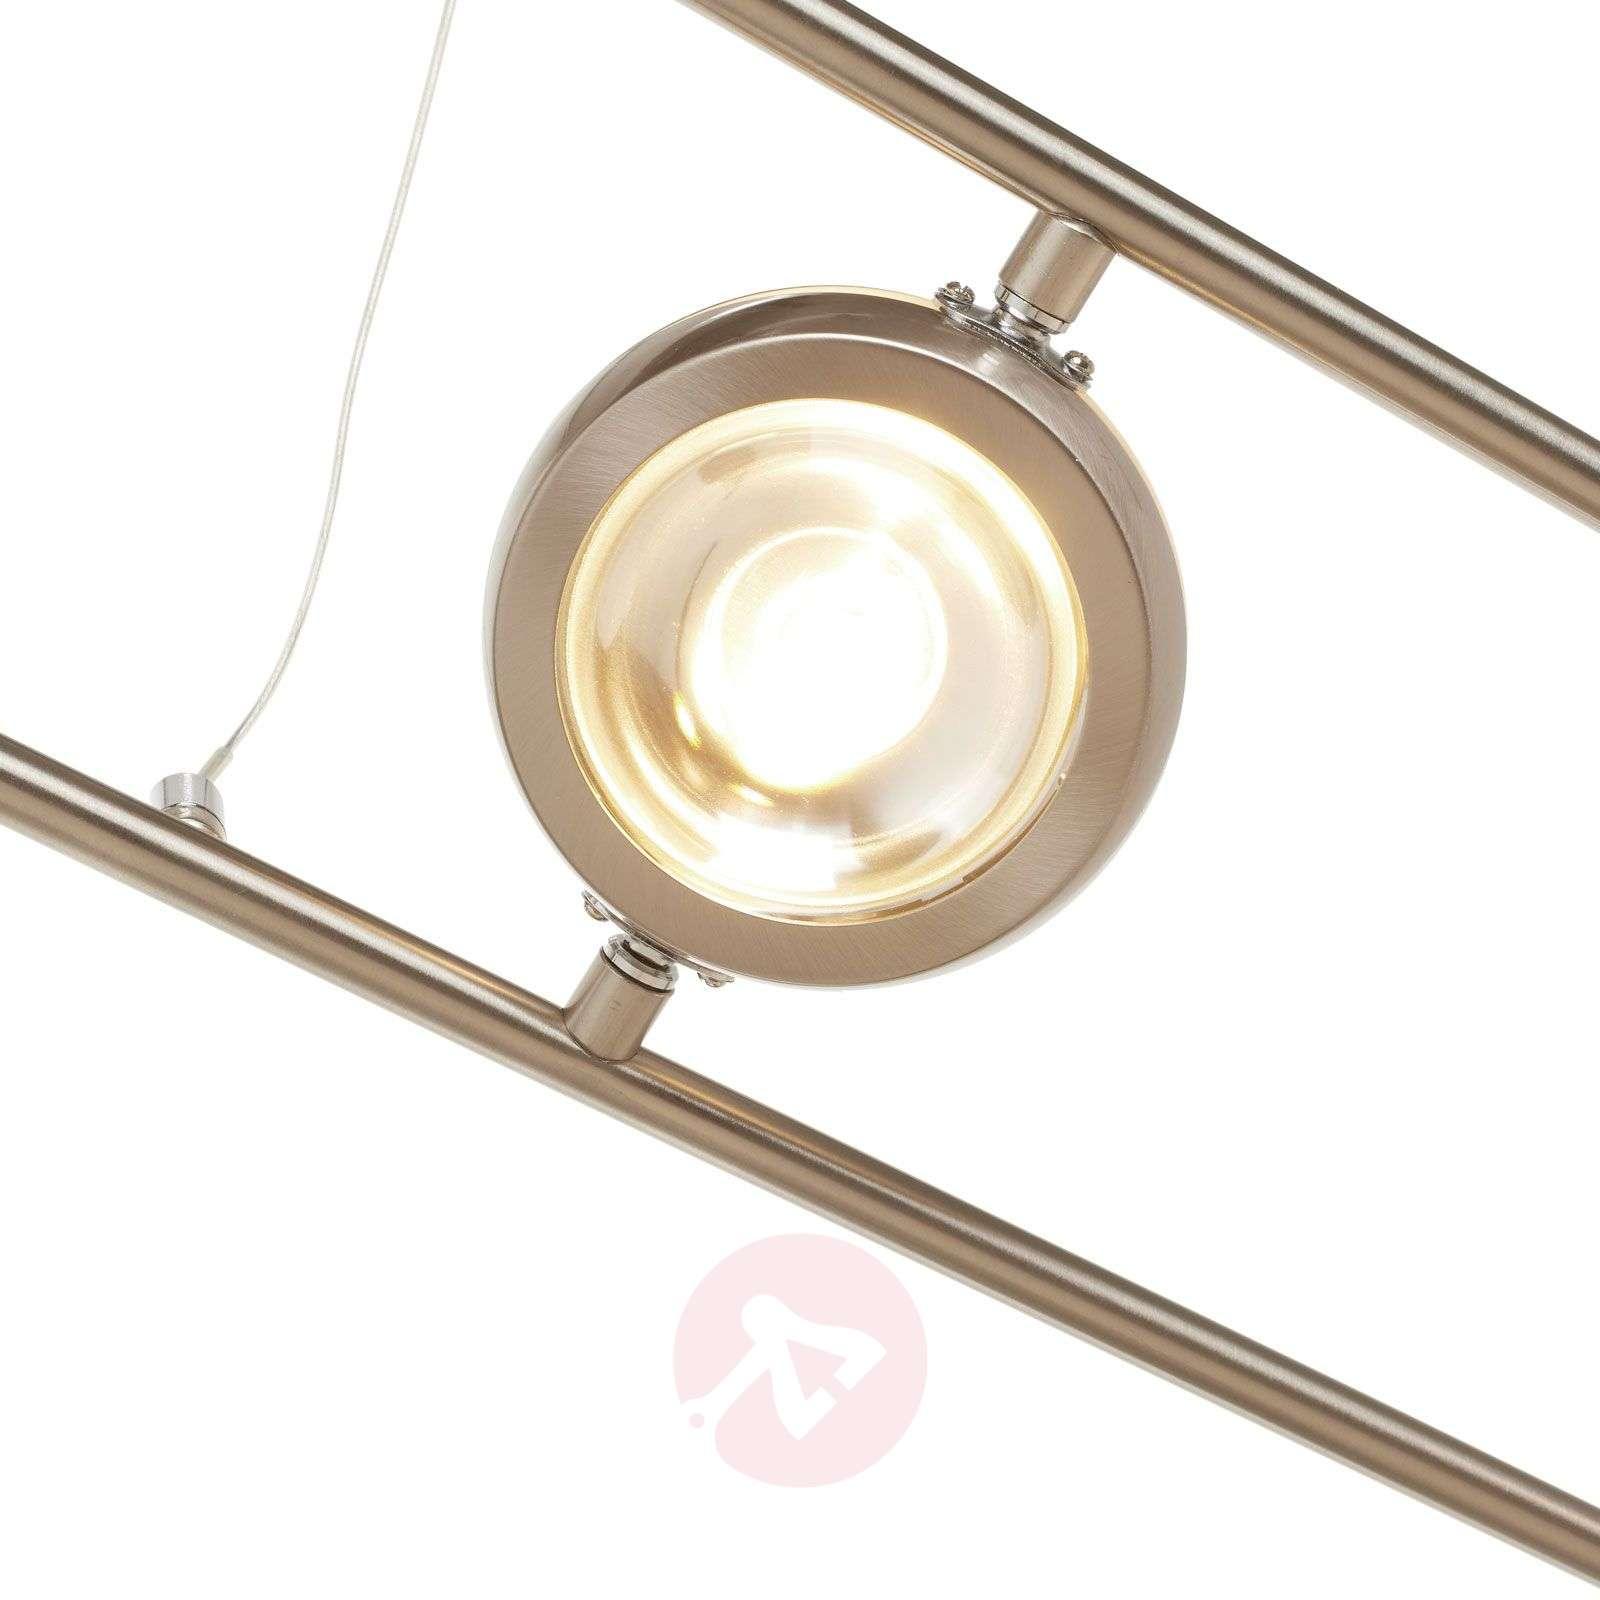 LED-riippuvalaisin Samar, 8-lamppuinen-8032197-01